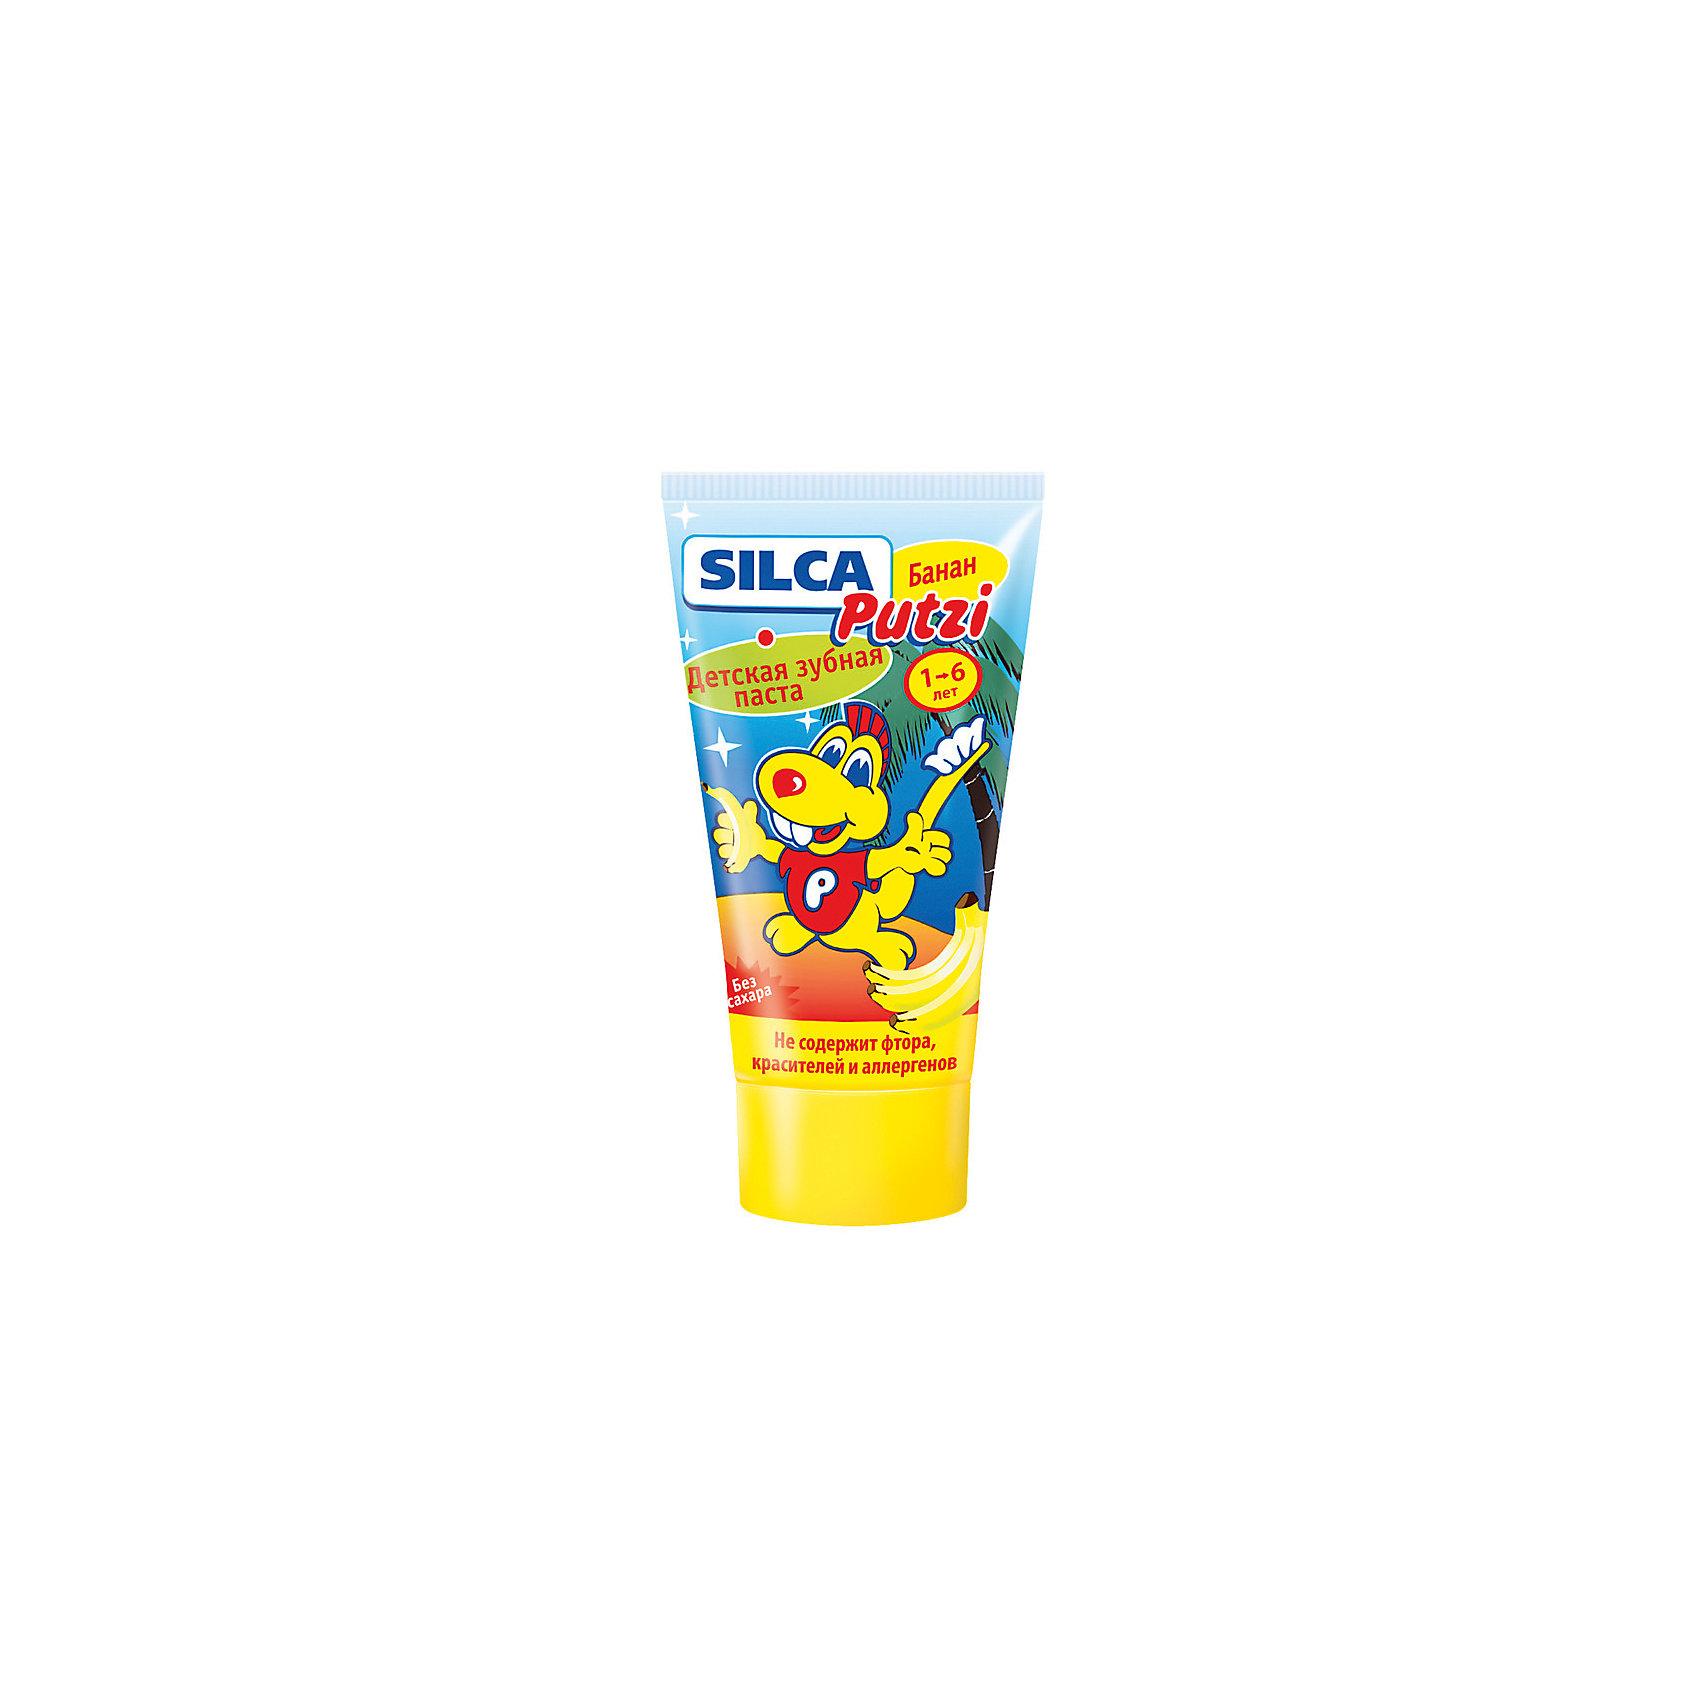 Зубная паста банан (без фтора) от 1 до 6 лет, Silca, 50 мл.Зубные пасты<br>Объяснить ребенку необходимость ежедневного ухода за зубами важно с самого раннего возраста — это залог красивой улыбки и уверенности в себе на всю жизнь. Специально для самых маленьких, которые только начинают осваивать азы чистки зубов, создана детская зубная паста «SILCA Putzi Банан (без фтора)»<br><br>SILCA Putzi Банан (Без фтора). От 1 до 6 лет.<br><br>Создана специально для самых маленьких.<br>Благодаря отсутствию фтора, красителя и аллергенов абсолютно безопасна для ребенка даже при проглатывании и может быть использована в областях с повышенным содержанием фтора в питьевой воде.<br>Низкоабразивная гипоаллергенная рецептура бережно ухаживает за неокрепшей эмалью молочных зубов.<br>Сладкий банановый вкус нравится малышам и позволяет максимально быстро привить ребенку привычку чистить зубы самостоятельно.<br>Текст на упаковке:<br>Специально разработанная низкоабразивная рецептура на основе диоксида кремния нежно очищает неокрепшую эмаль  молочных зубов. Не содержит фтора, красителей, лаурилсульфата натрия, ментола и сахара. Рекомендуется для обучения детей чистке зубов и для регионов с повышенным содержанием фтора в воде.<br>Рекомендовано детям от 1 до 6 лет.<br><br>Состав: Aqua, Sorbitol, Hydrated Silica, Propylene Glycol, Silica, Aroma, Cellulose Gum, Sodium C14-16 Olefin Sulfonate, Tetrapotassium Pyrophosphate, Titanium Dioxide, Limonene, Sodium Saccharin, Sodium Methylparaben<br><br>Двойная чистящая система контролируемой абразивности (RDA 40): диоксид кремния + диоксид кремния.<br><br>Активные компоненты: пирофосфат калия, лимонен.<br><br>Вкус и запах: банан.<br><br>Цвет: белый.<br><br>Ширина мм: 143<br>Глубина мм: 500<br>Высота мм: 60<br>Вес г: 580<br>Возраст от месяцев: 12<br>Возраст до месяцев: 72<br>Пол: Унисекс<br>Возраст: Детский<br>SKU: 4729845